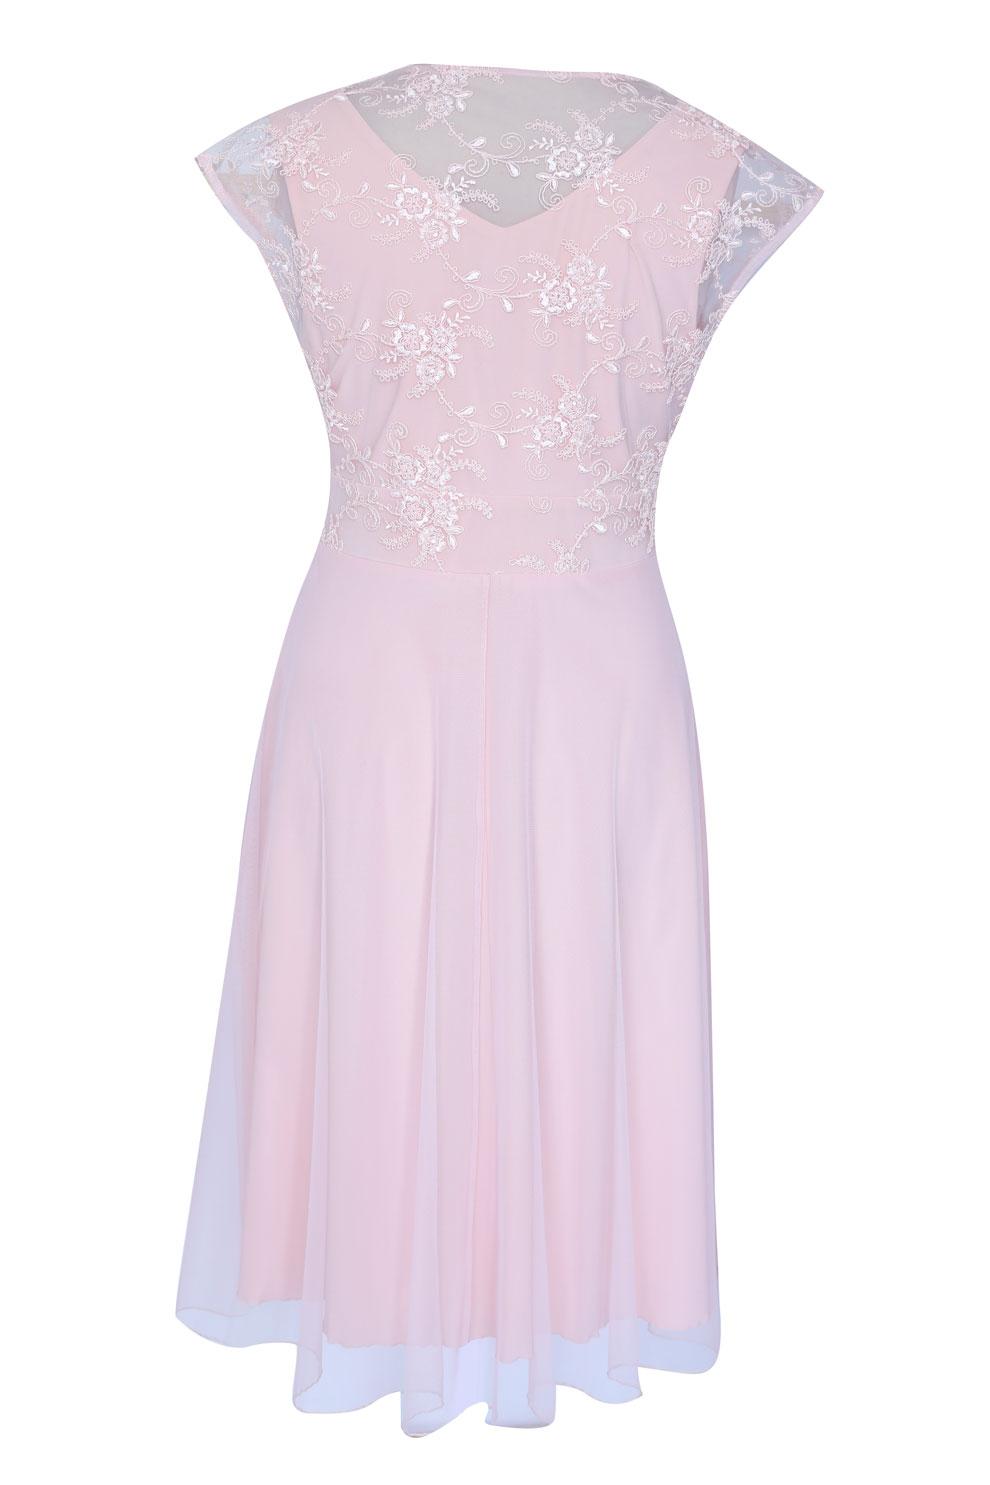 53c99004d4 Pudrowa wieczorowa sukienka z koronką LUCILLE XL-ka